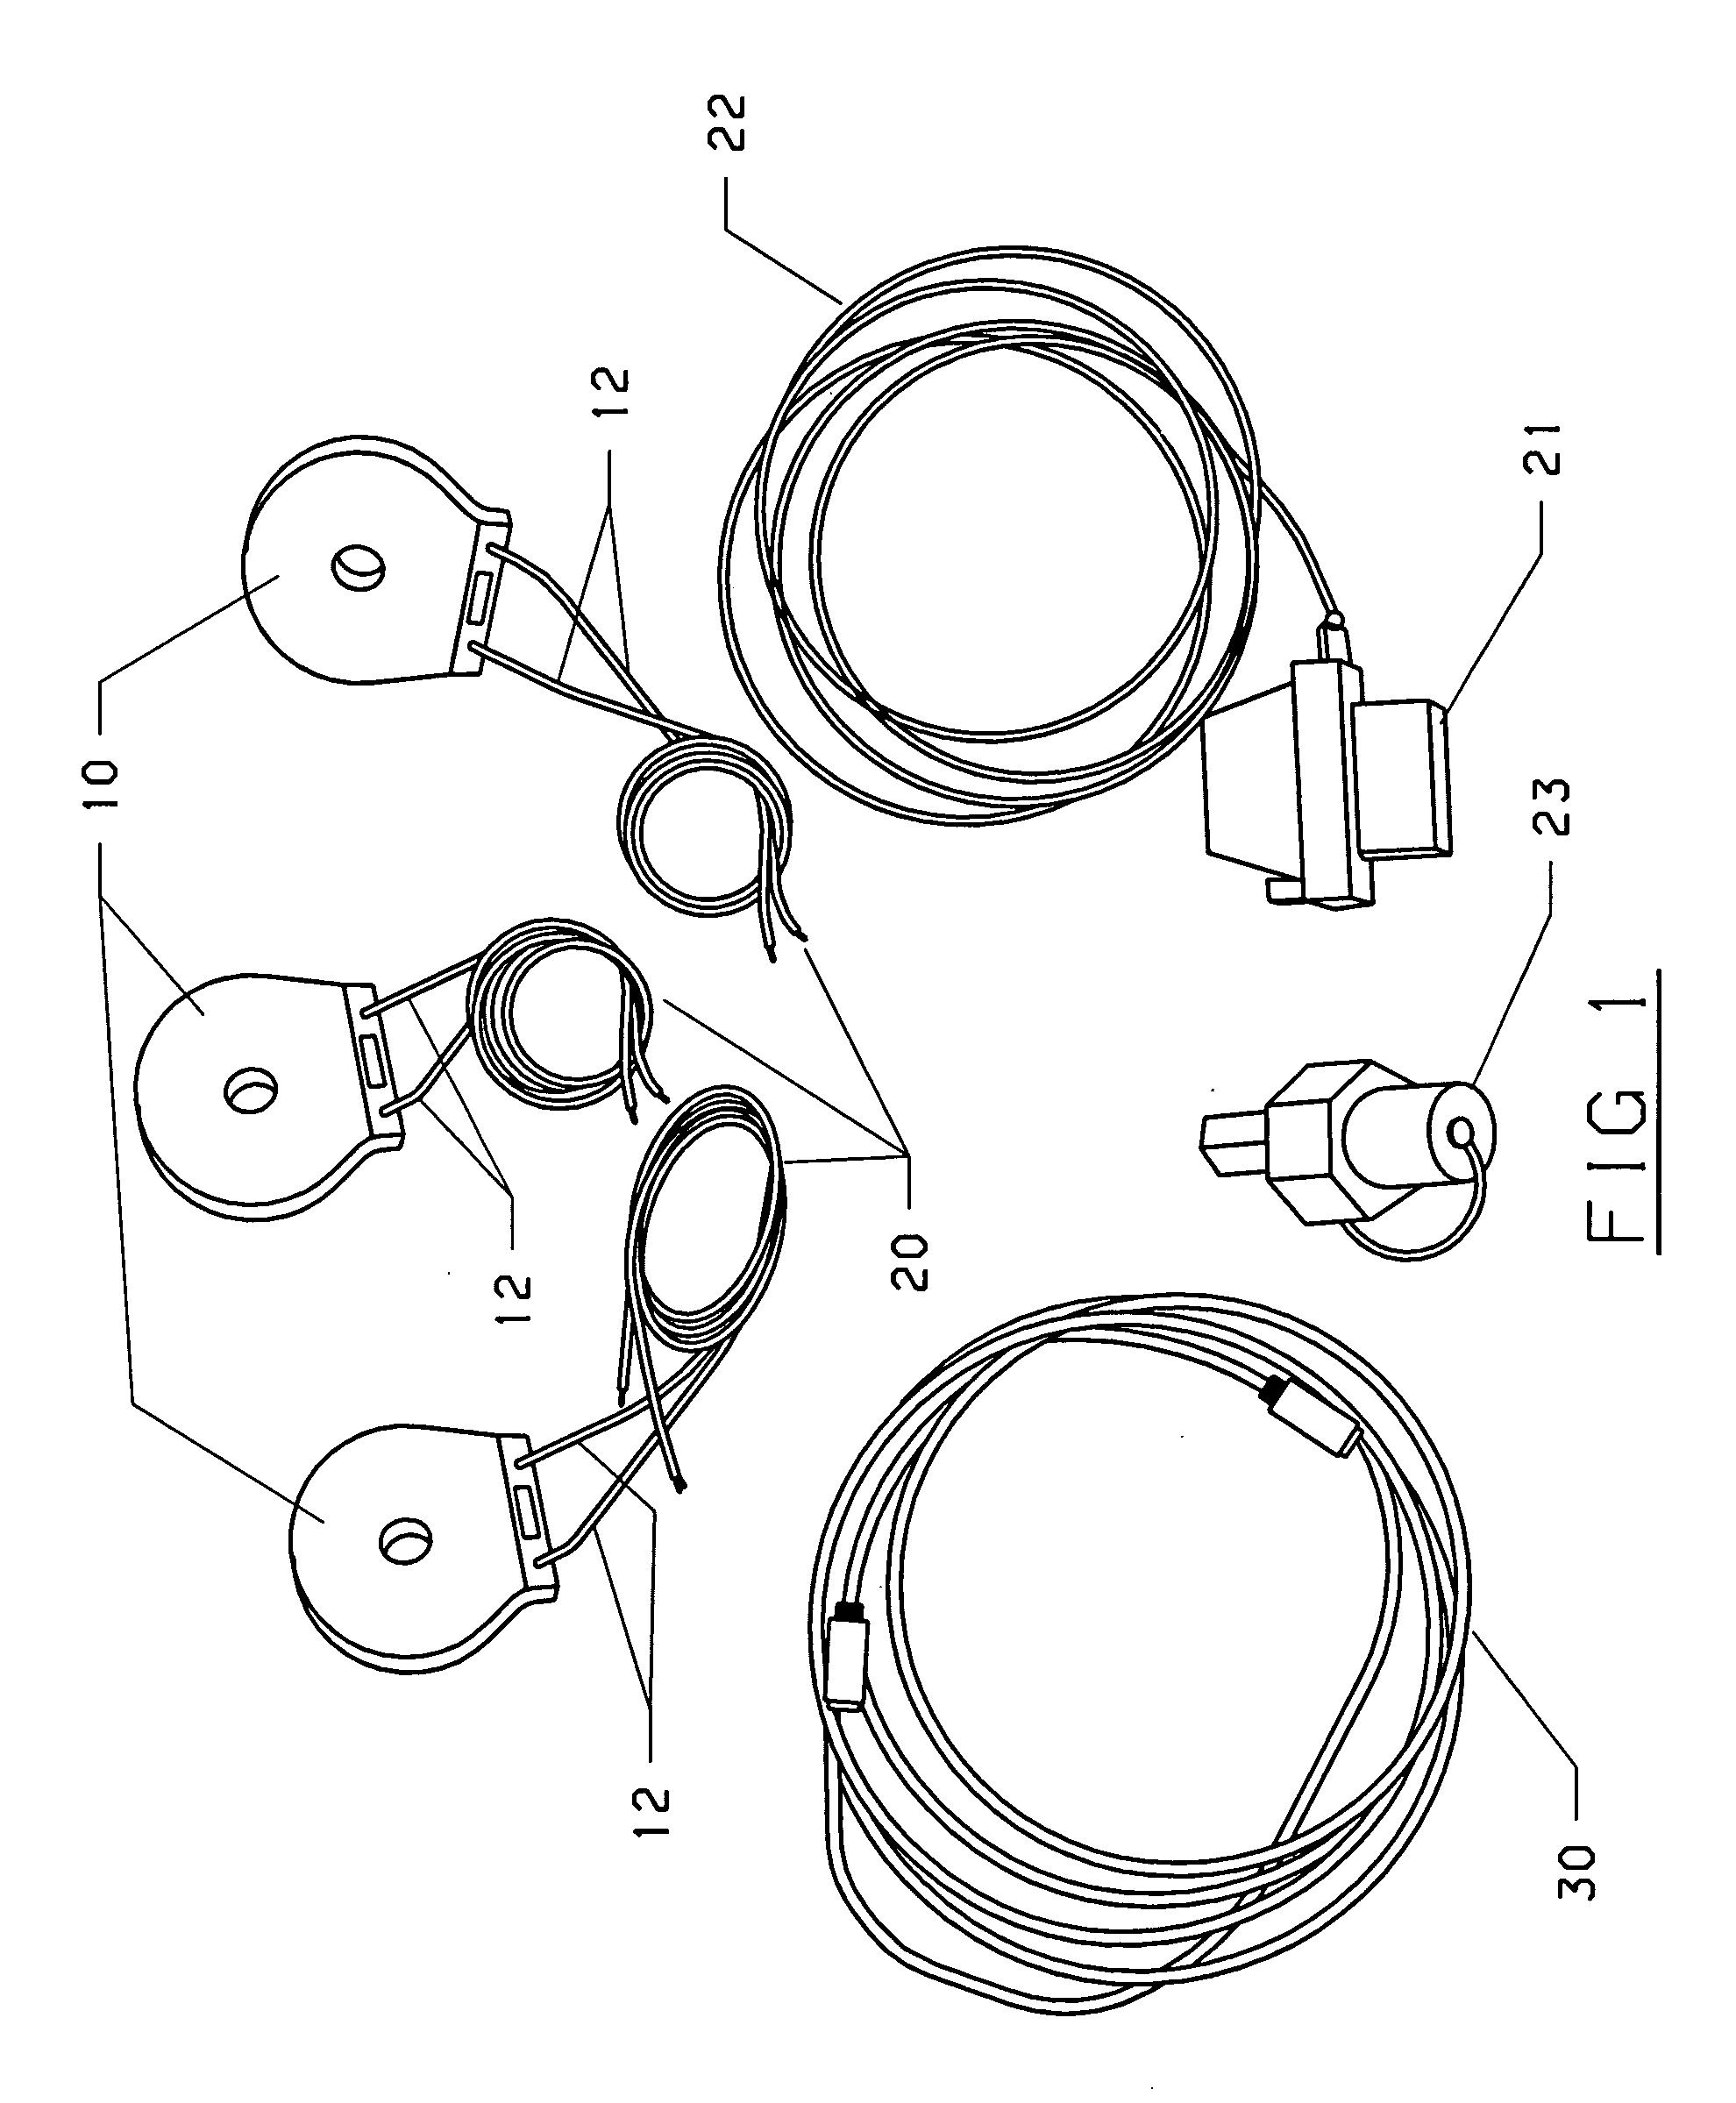 rj45 punch down diagram wiring diagram database RJ45 Plug Wiring Diagram patent us20050040842 electrical connection plug for remote cat5 punch down wiring diagram rj45 punch down diagram